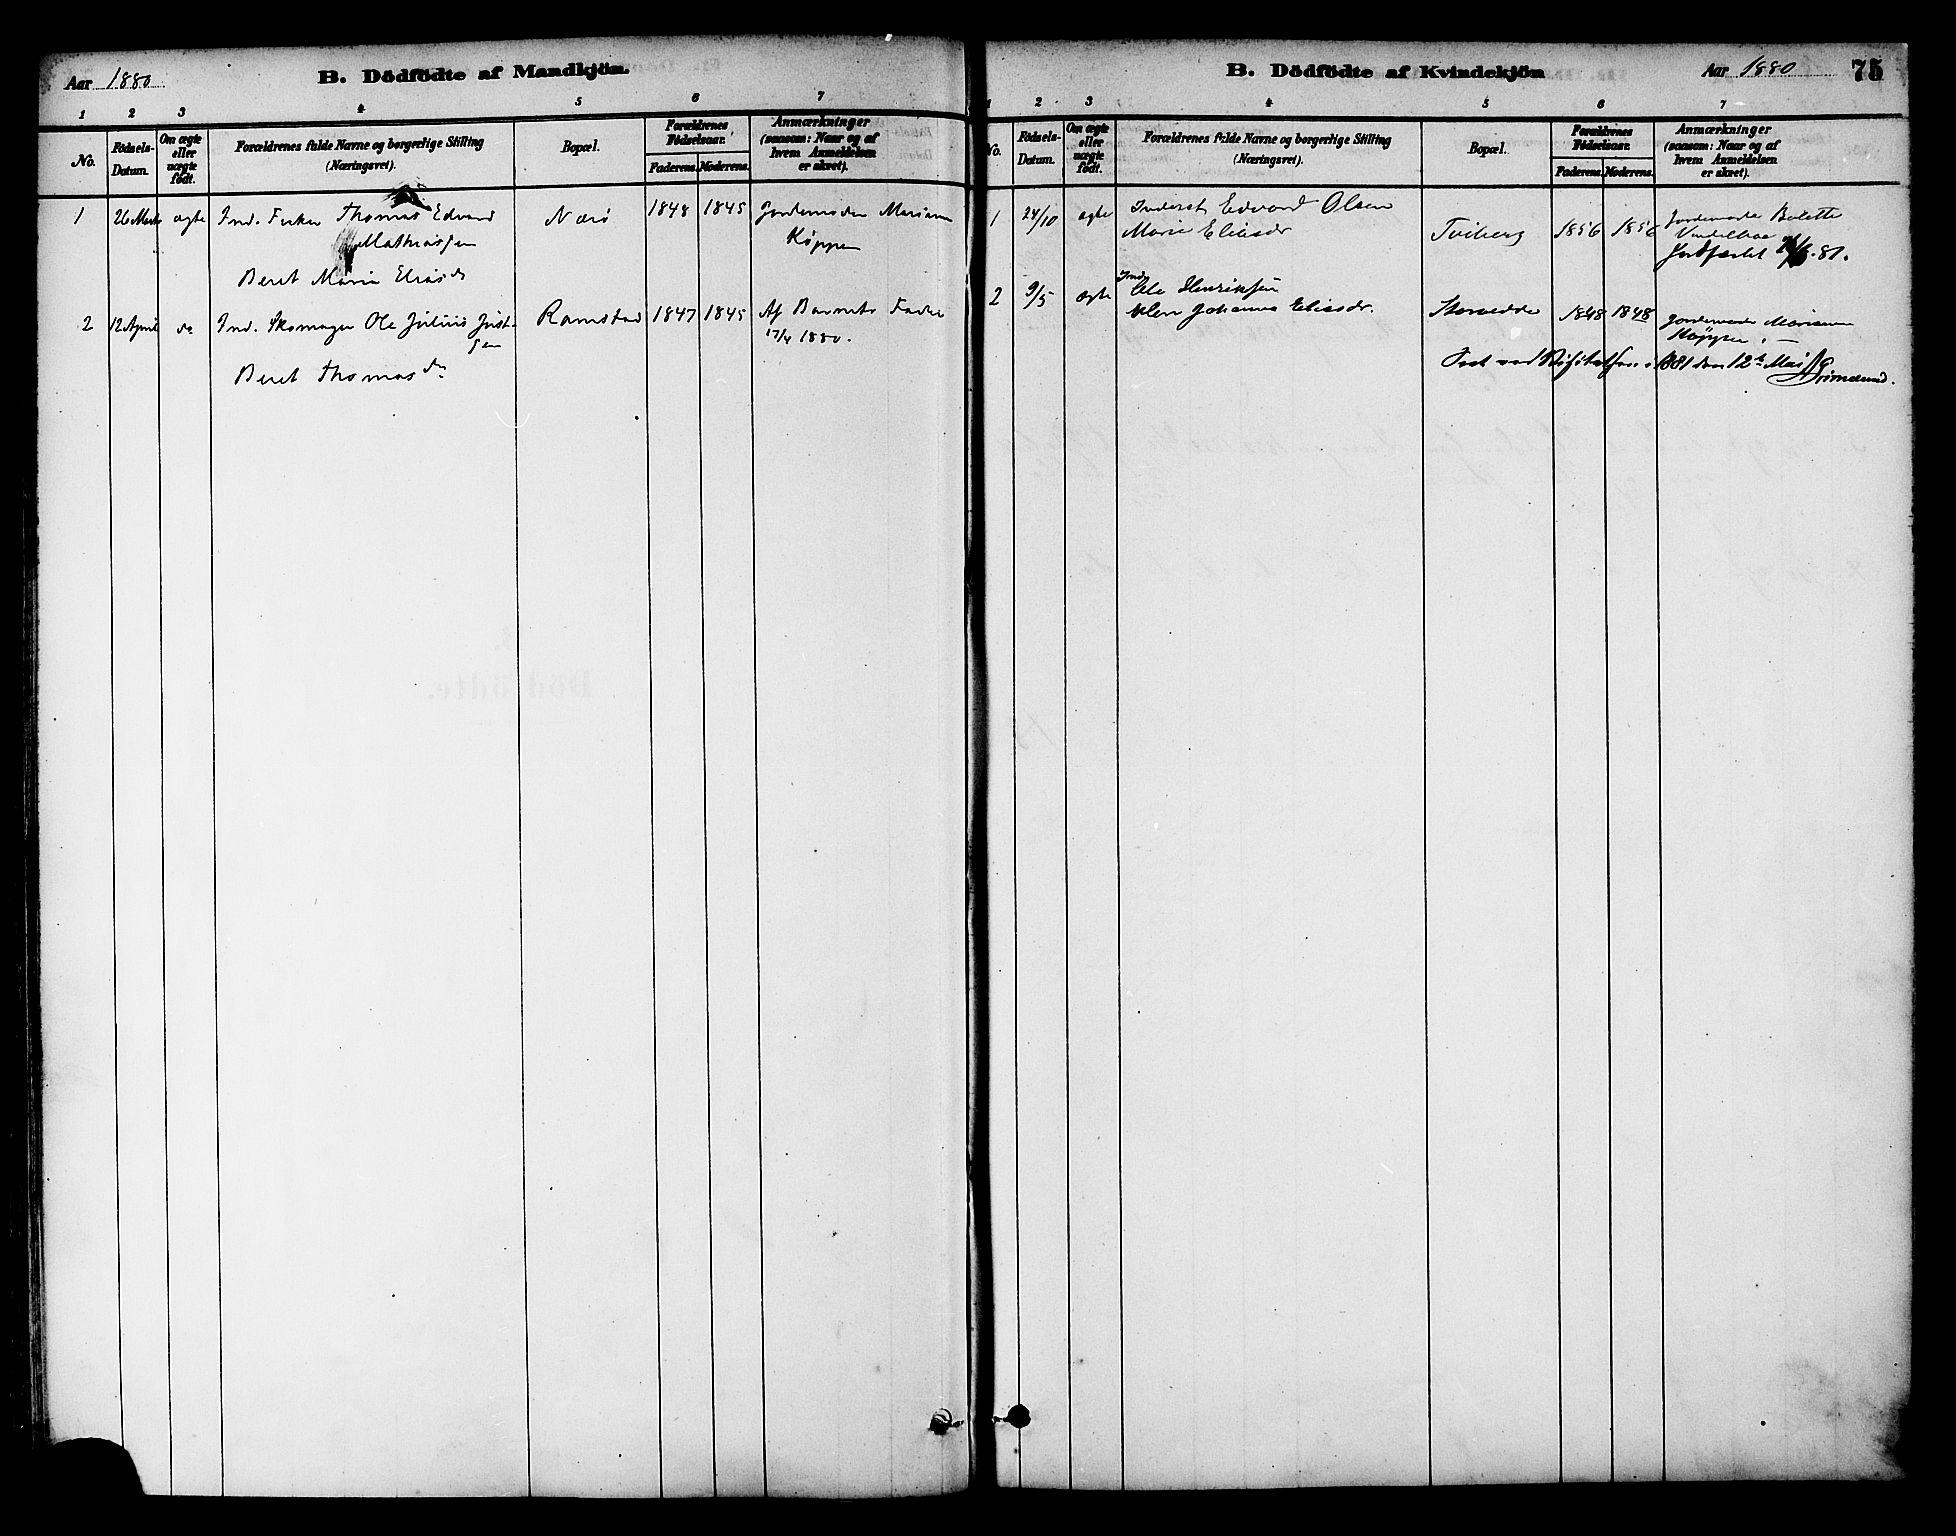 SAT, Ministerialprotokoller, klokkerbøker og fødselsregistre - Nord-Trøndelag, 784/L0672: Ministerialbok nr. 784A07, 1880-1887, s. 75